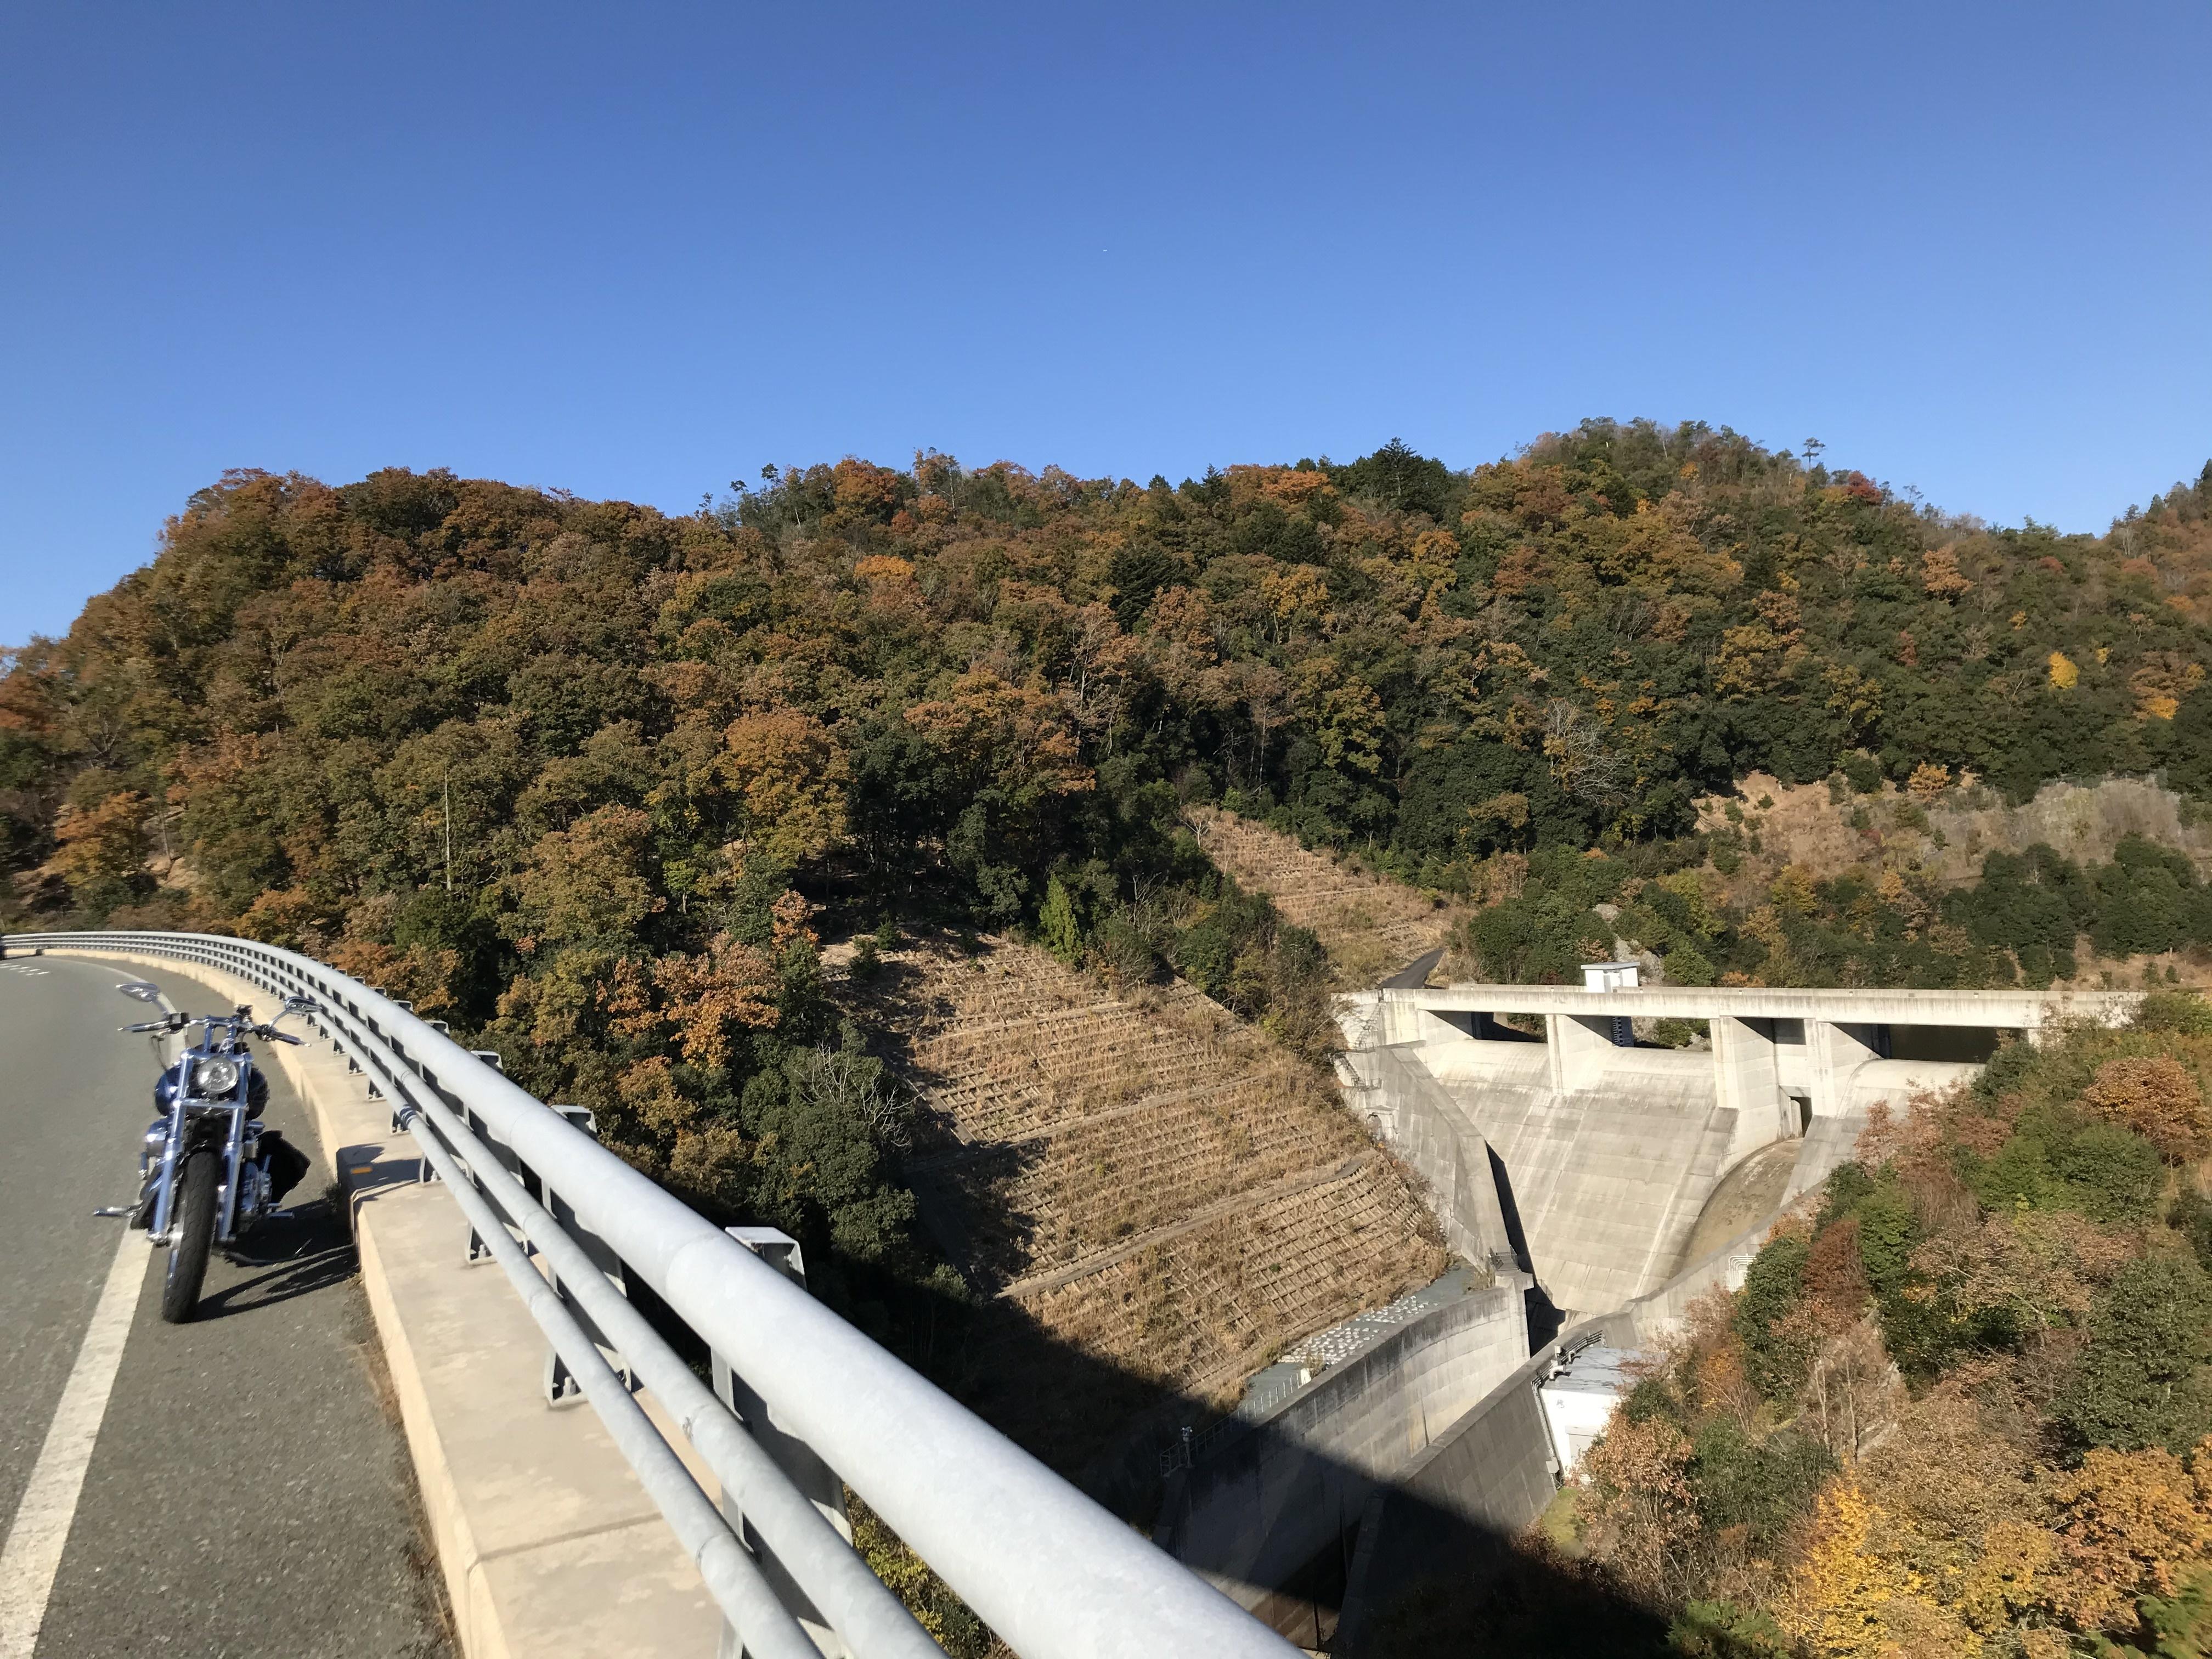 ぴーきち&ダイナ 美山 かやぶきの里ツーリング 大野ダム編 畑川ダム